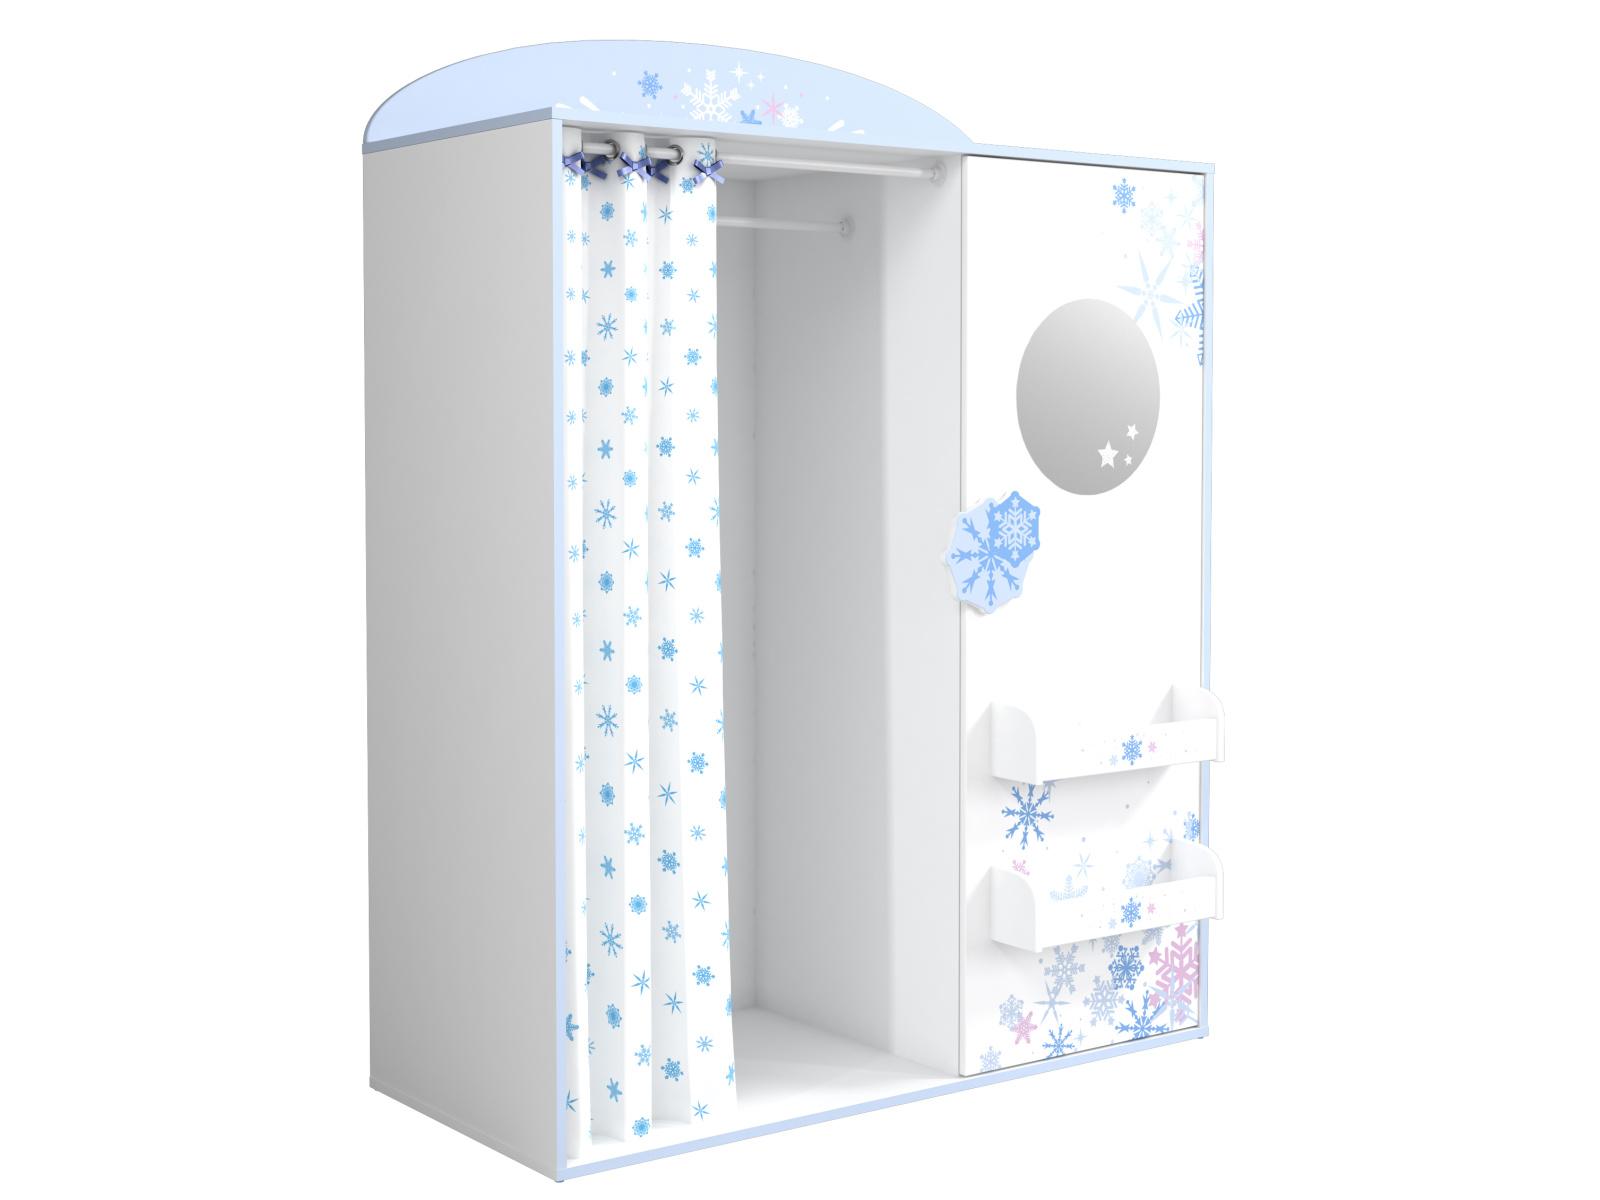 DEMEYERE FLOKON dětská skříň se závěsem, bílá/modrá